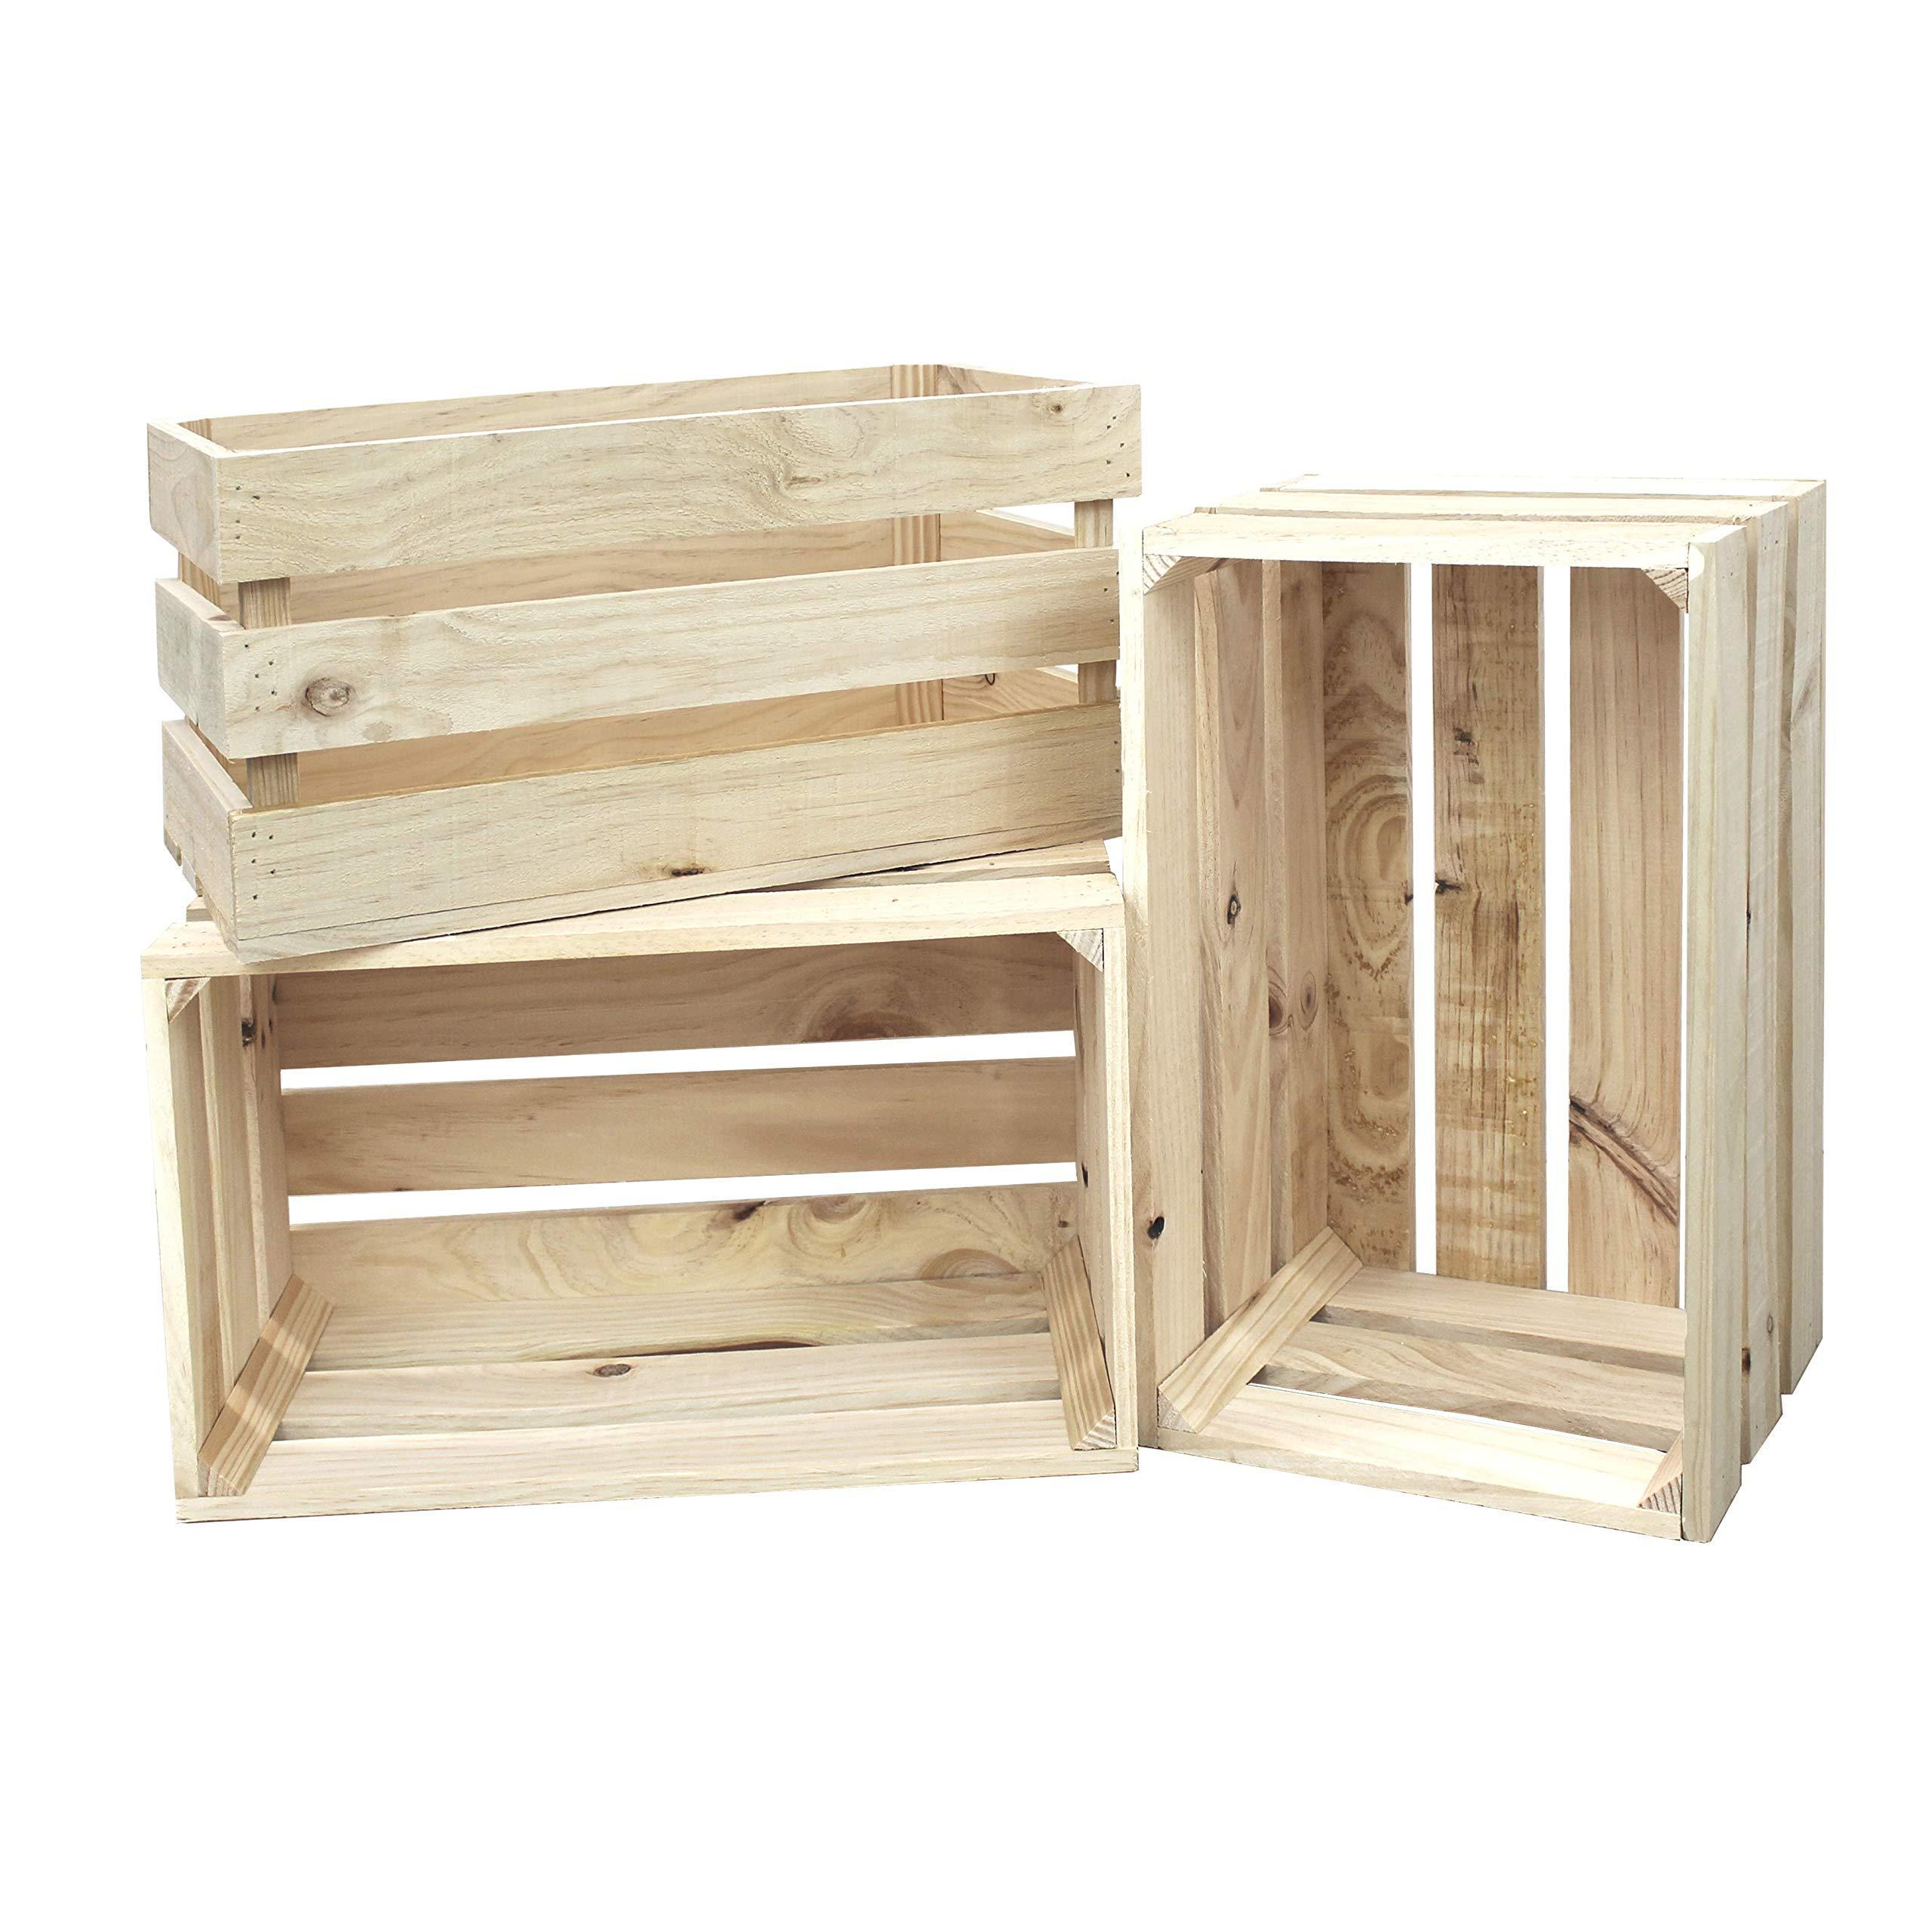 Decowood - Pack de 3 Cajas Fabricadas en Madera de Pino Gallego - Tamaño Grande - Color Beige - Acabado Natural - Tamaño 49 x 25,5 x 30,5 cm: Amazon.es: Hogar